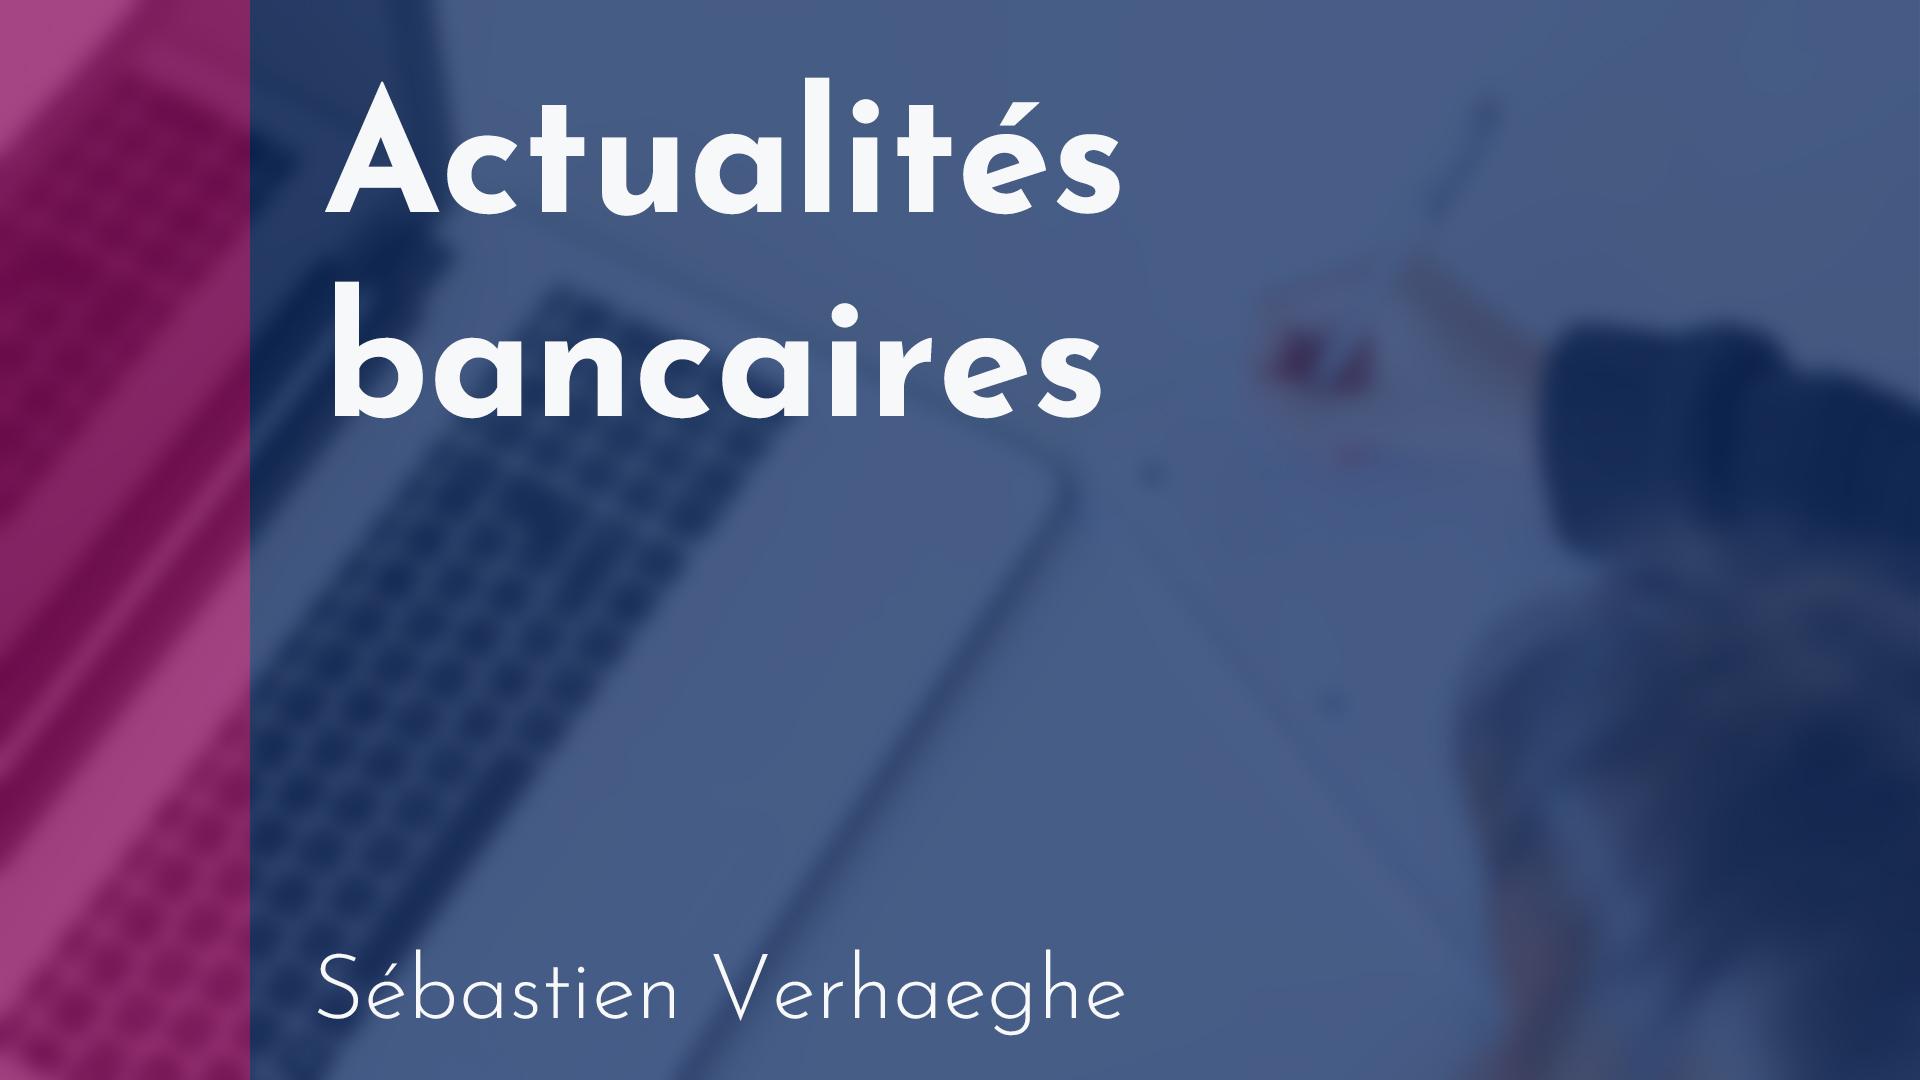 API Financement - Actualités bancaires - Sébastien Verhaeghe